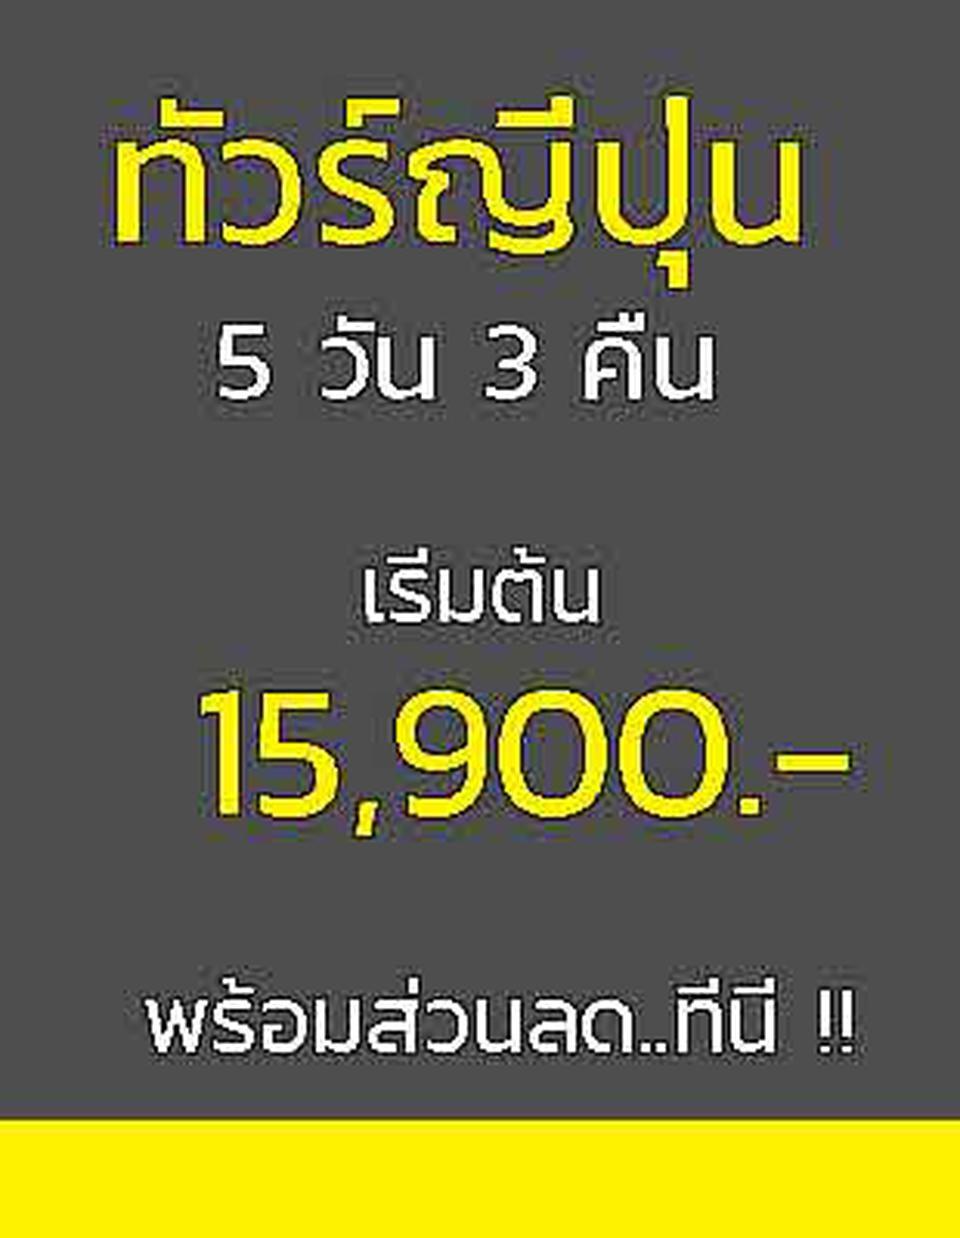 ทัวร์ญี่ปุ่น 5 วัน 3 คืน ราคา 15900 บาท รูปที่ 1